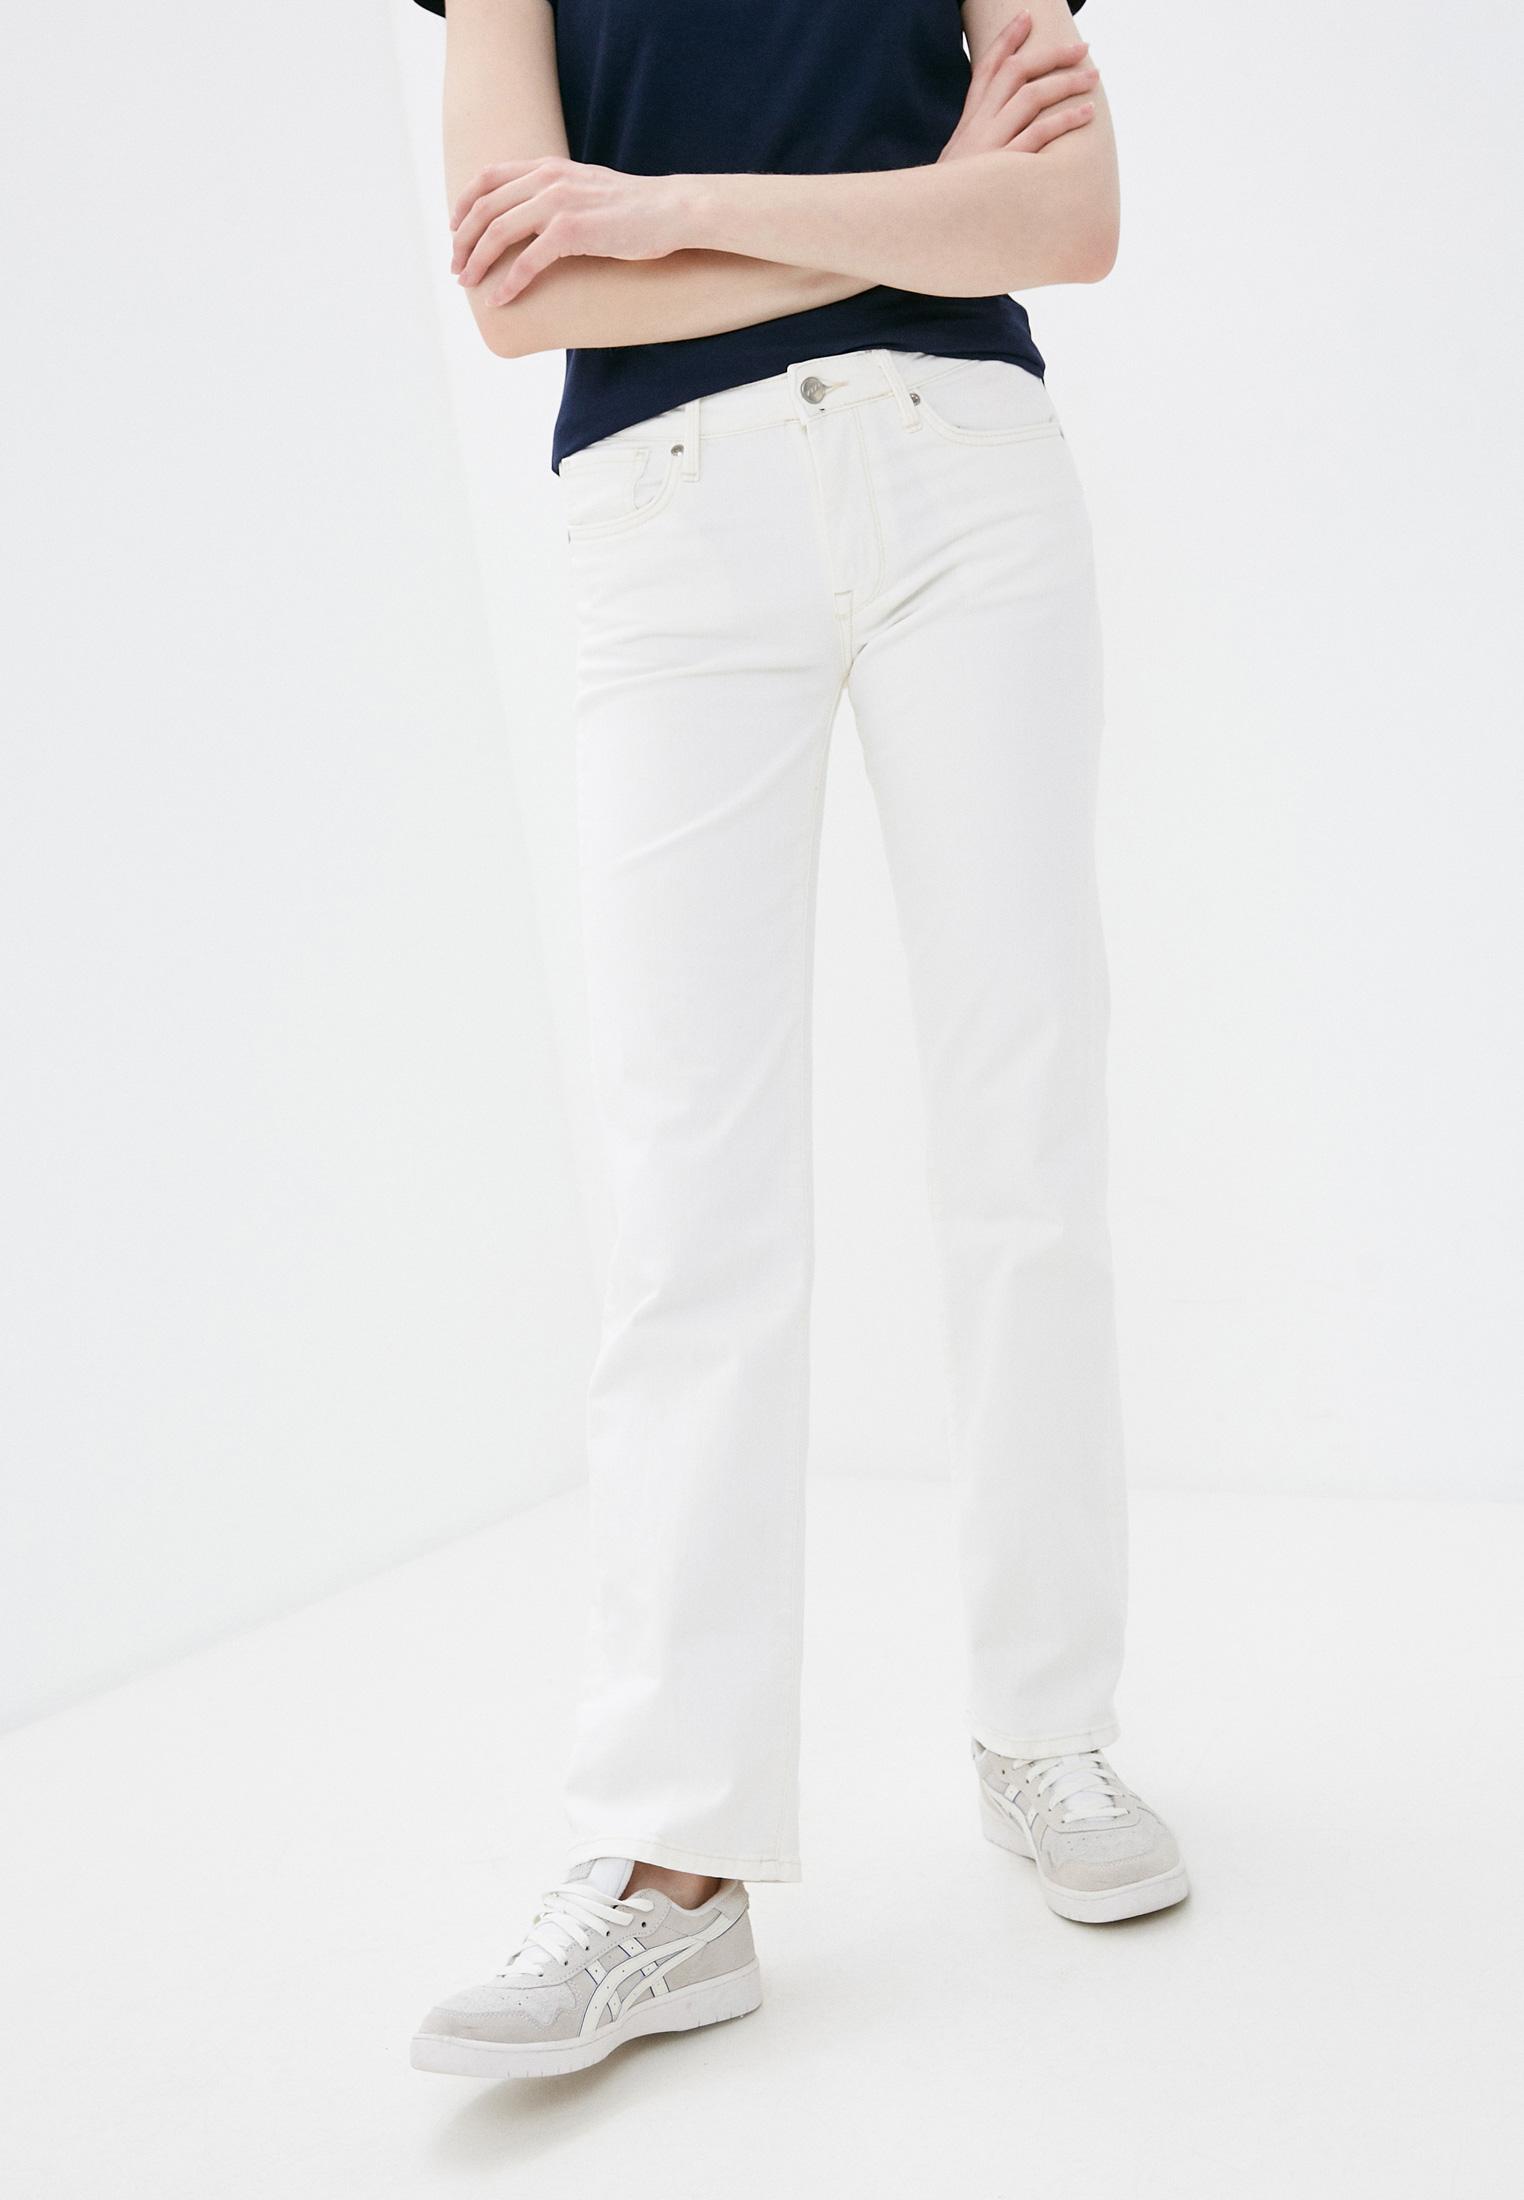 Широкие и расклешенные джинсы Pepe Jeans (Пепе Джинс) Джинсы Pepe Jeans